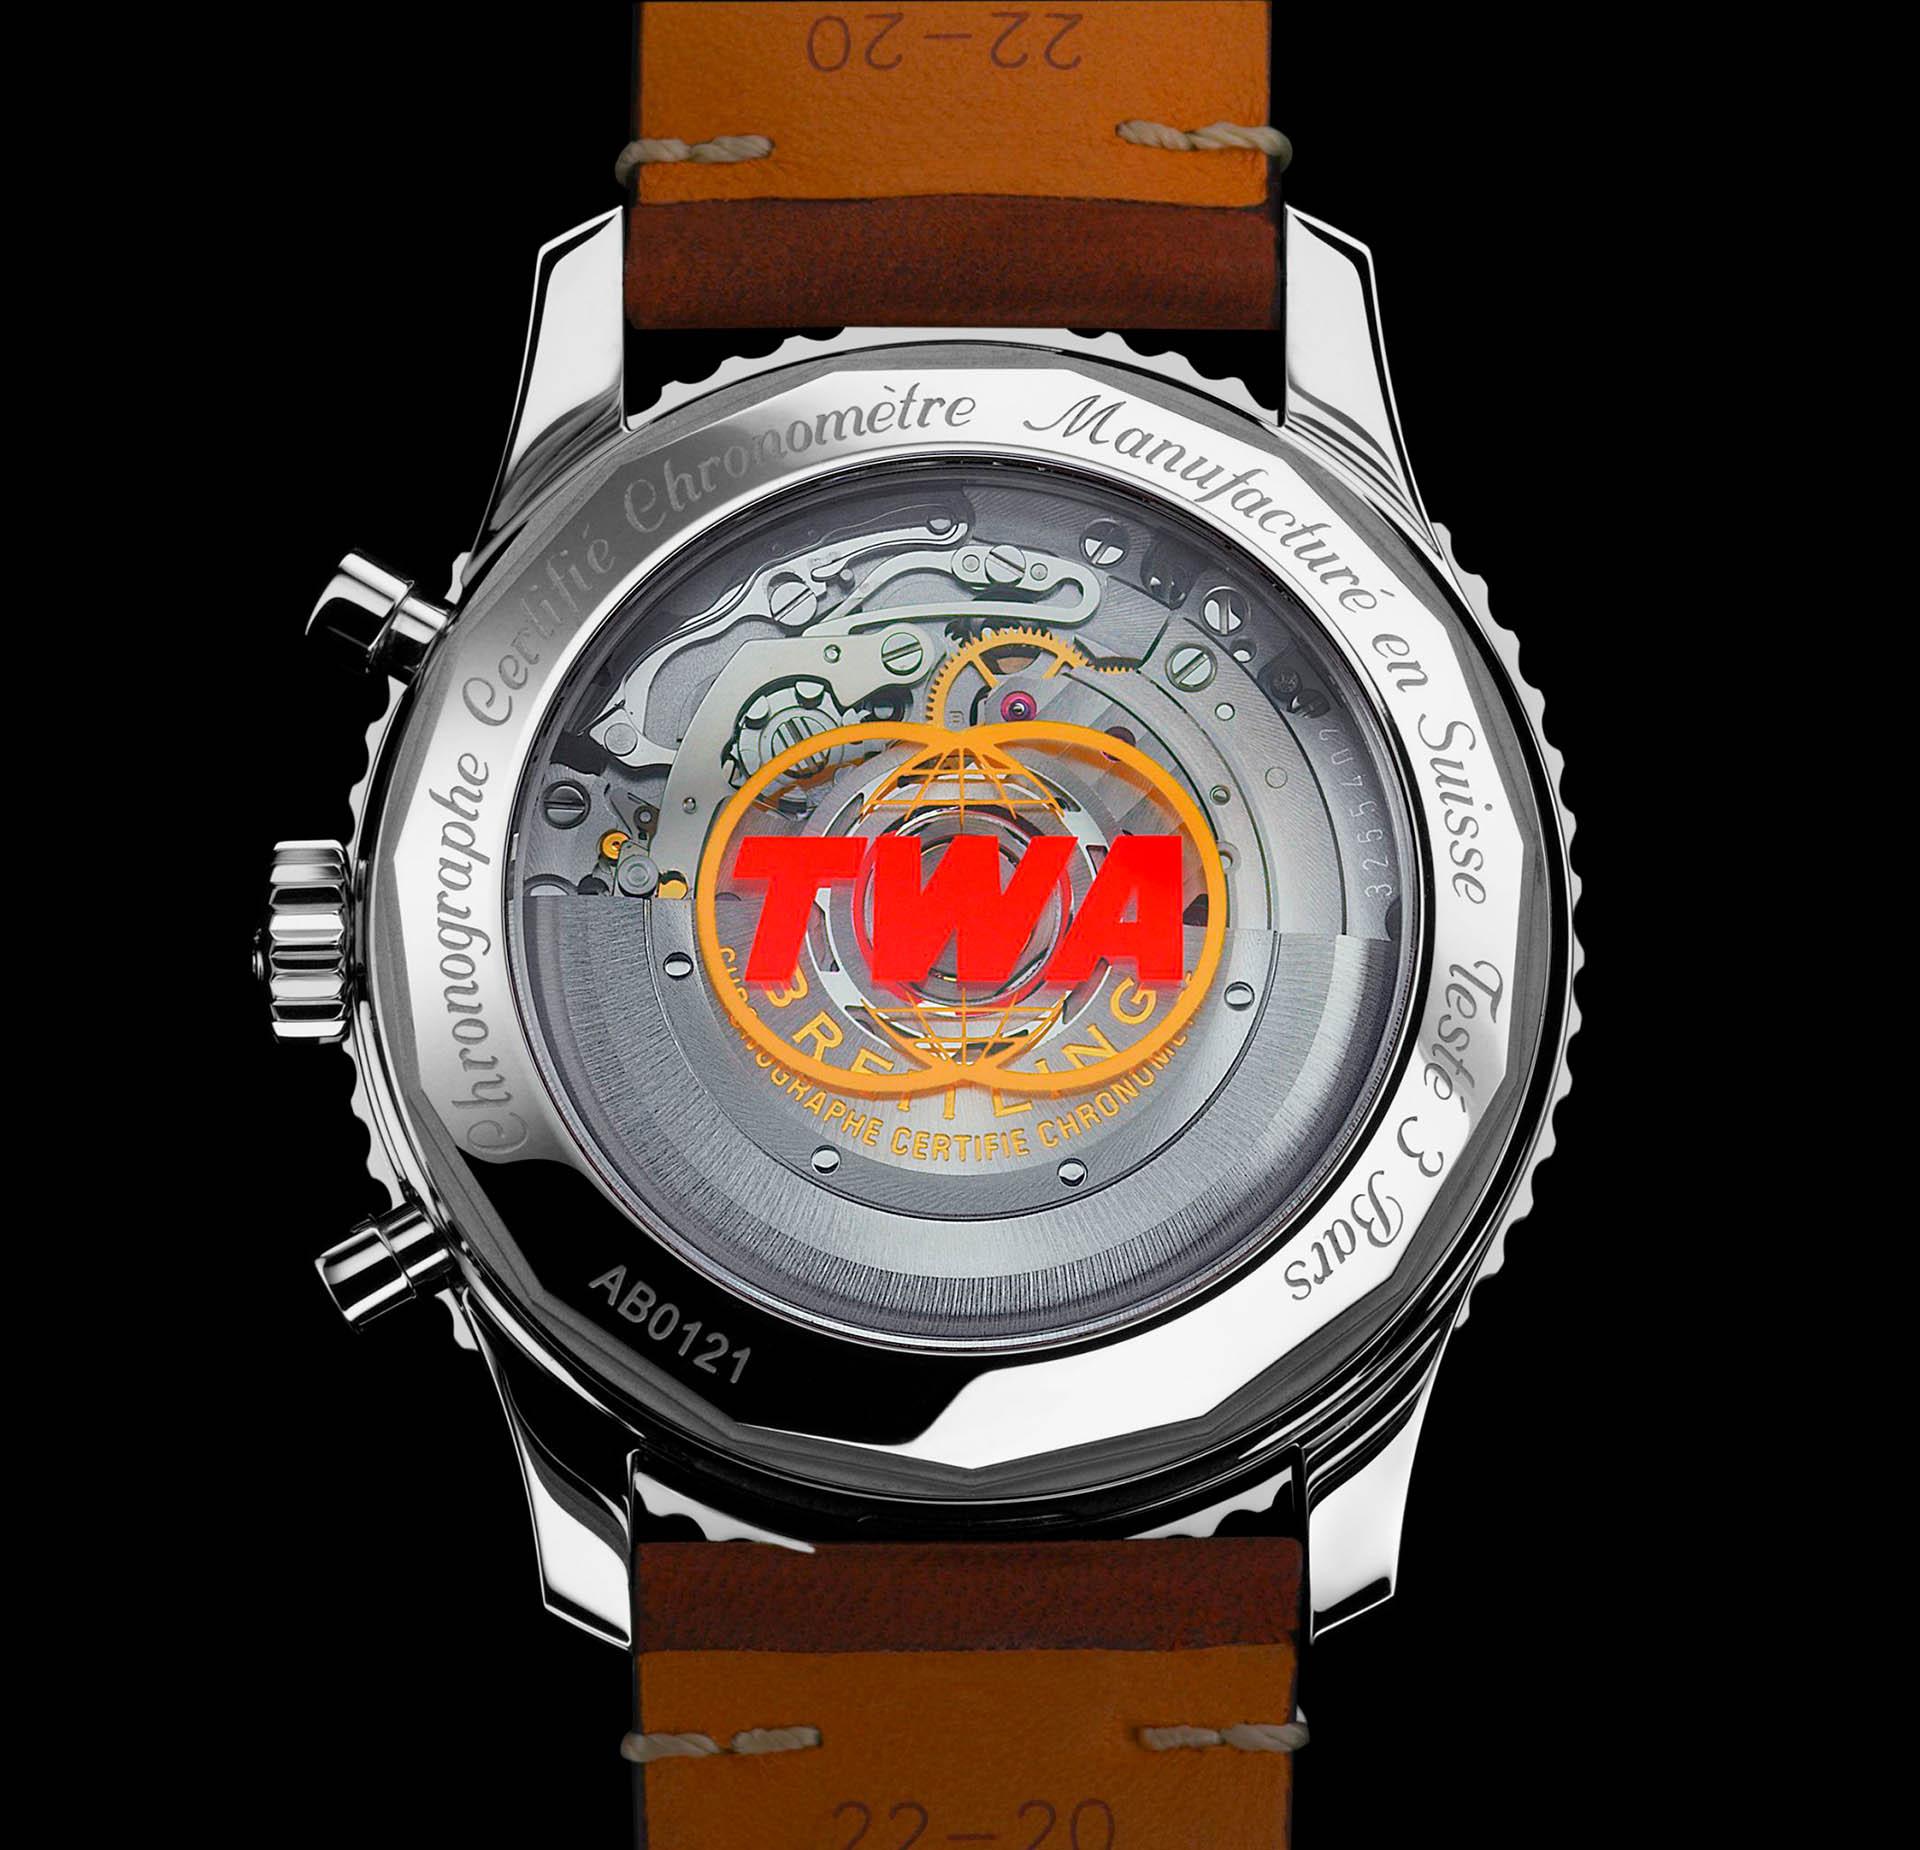 Das Uhrwerk vom Kaliber B01 in der Airline Edition